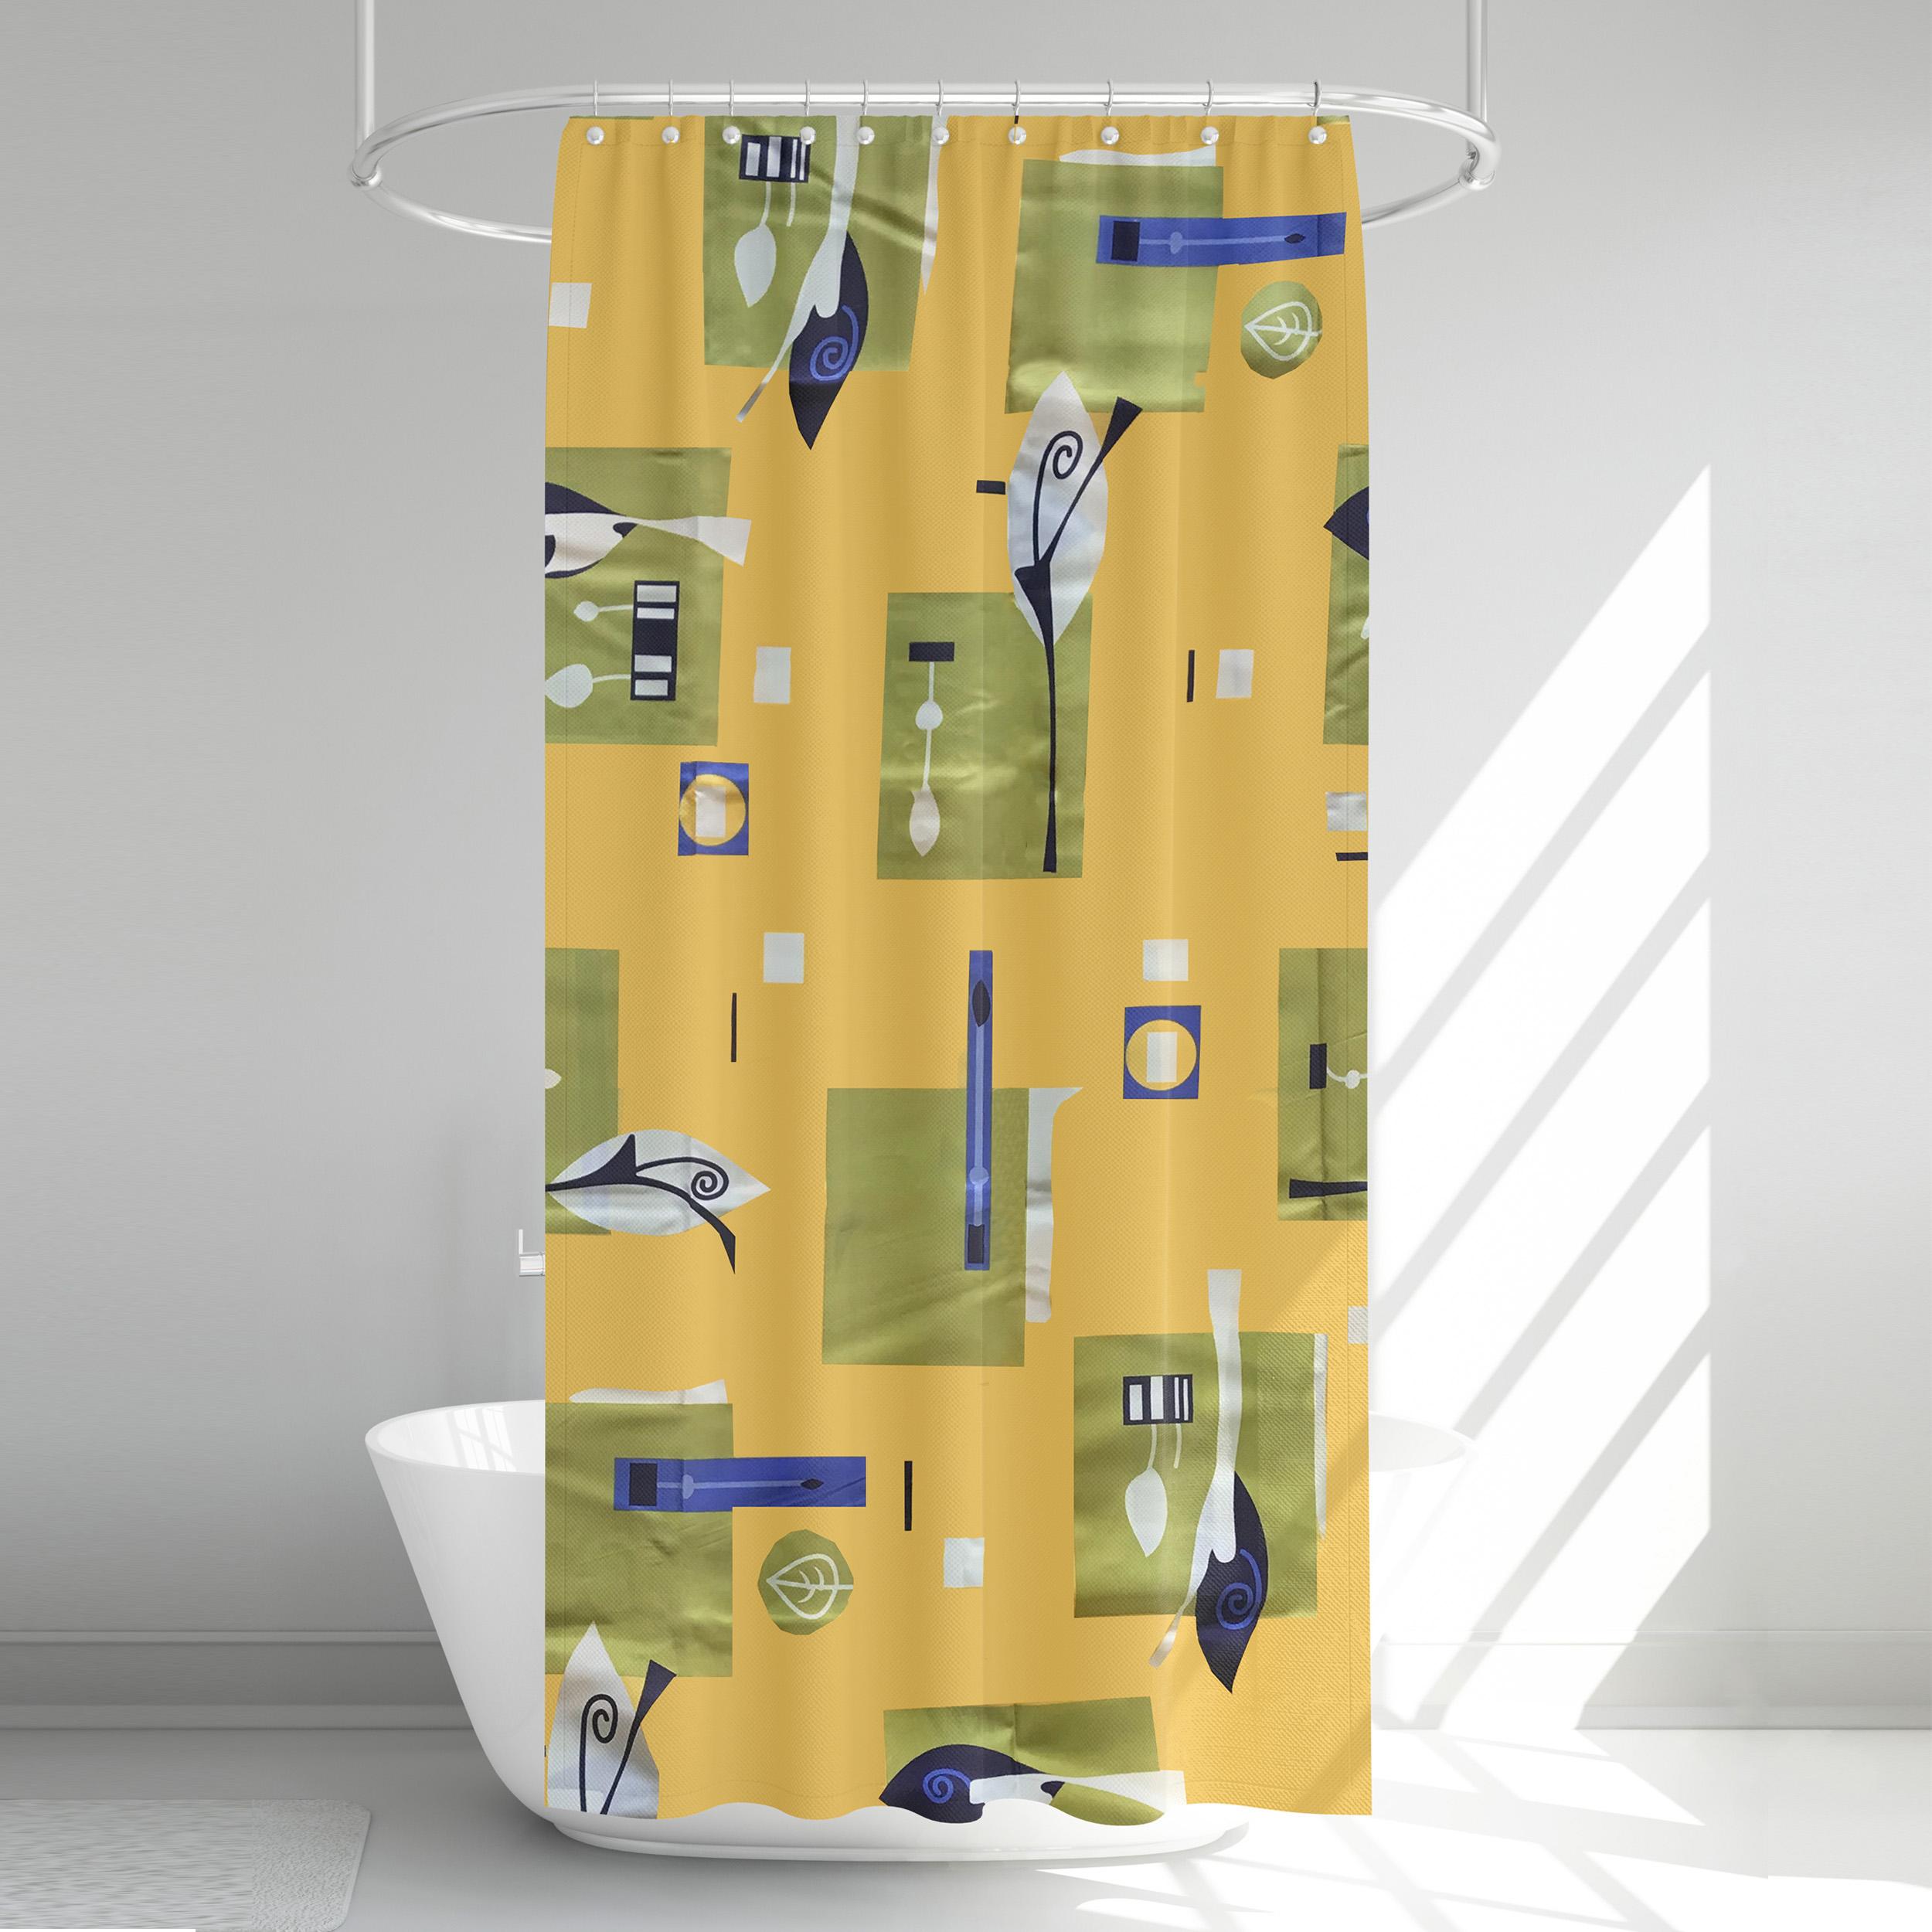 پرده حمام آرمیتا کد W004 سایز 180 × 200 سانتی متر